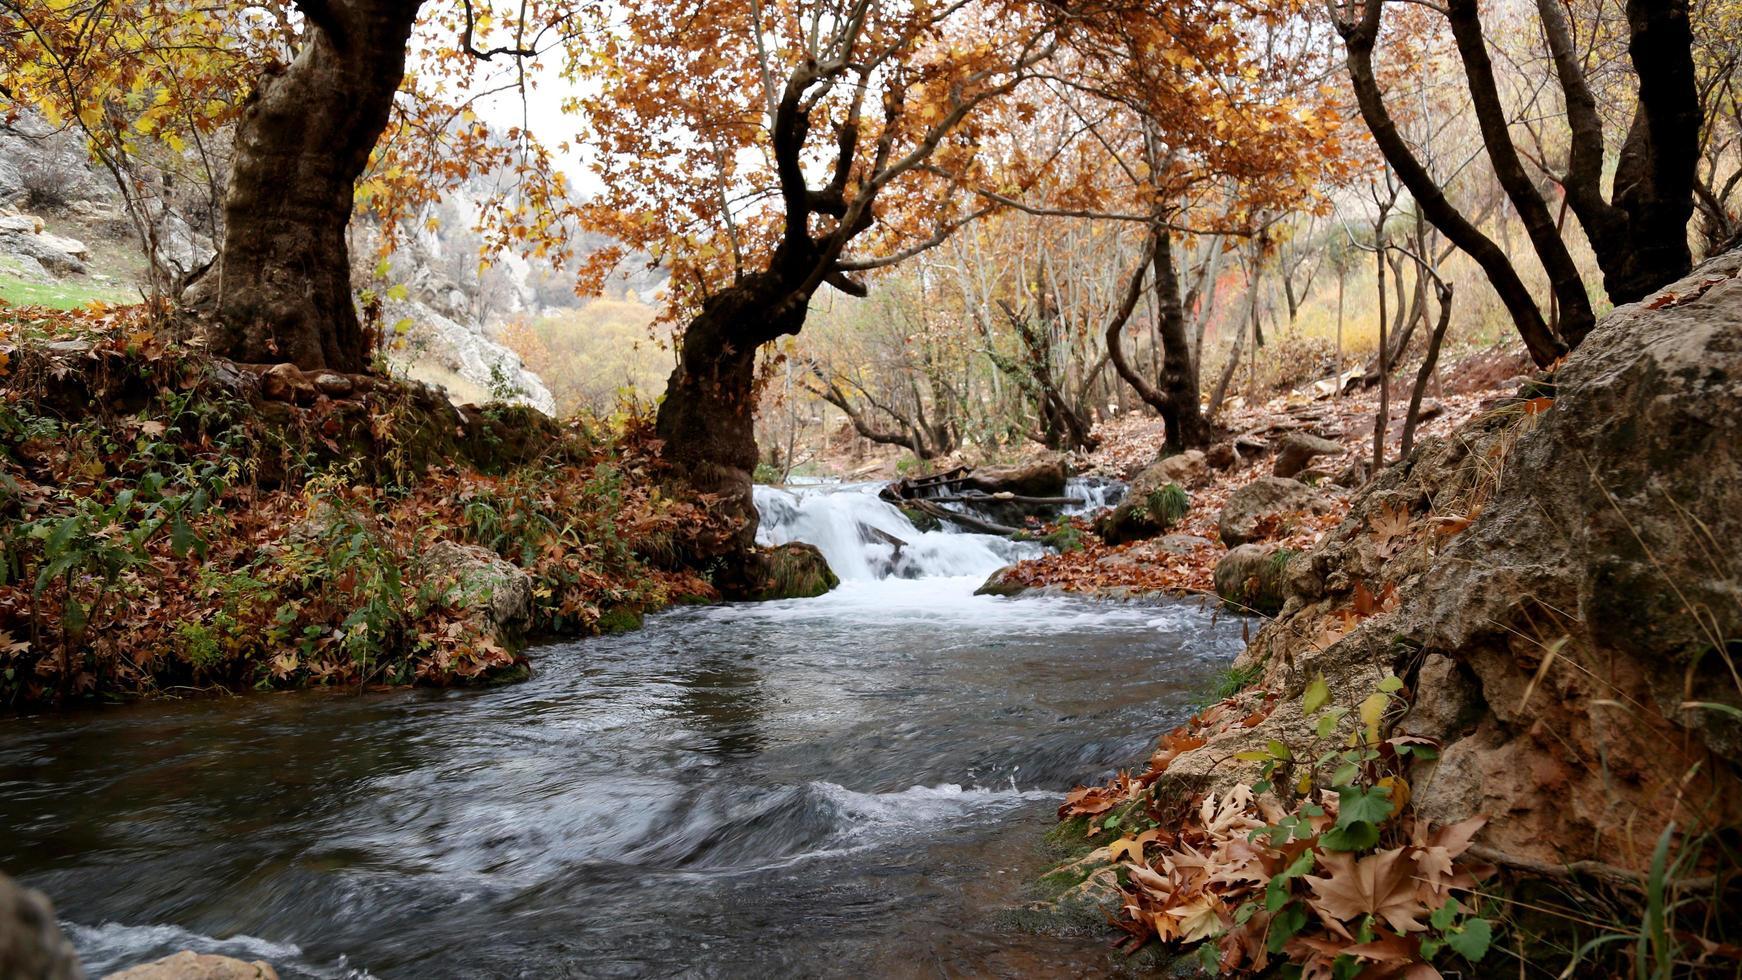 rivière à l'intérieur de la forêt photo